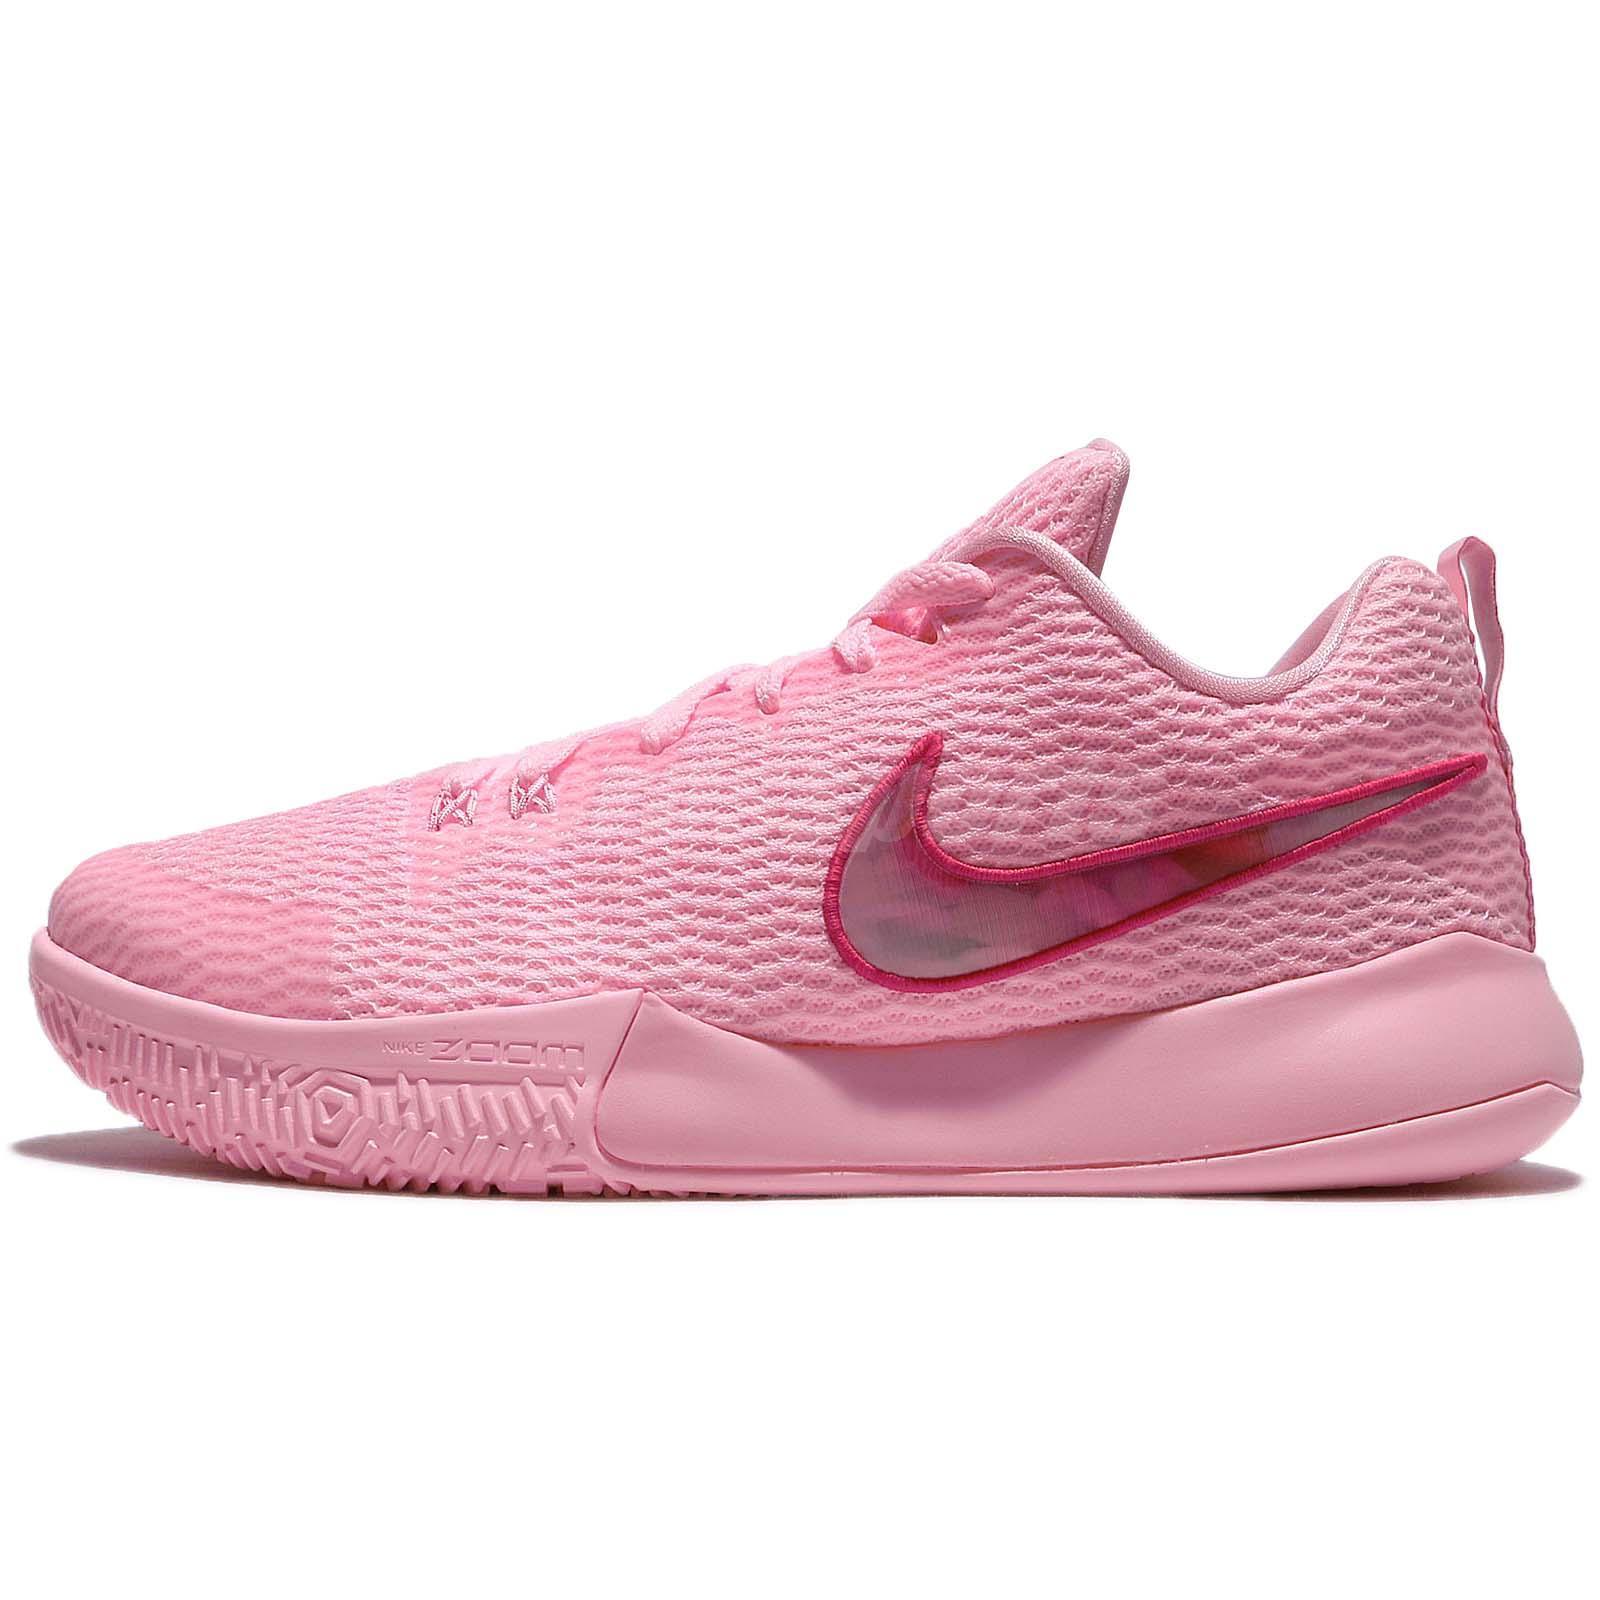 Nike Zoom Live II Kay Yow EP 2 Vivid